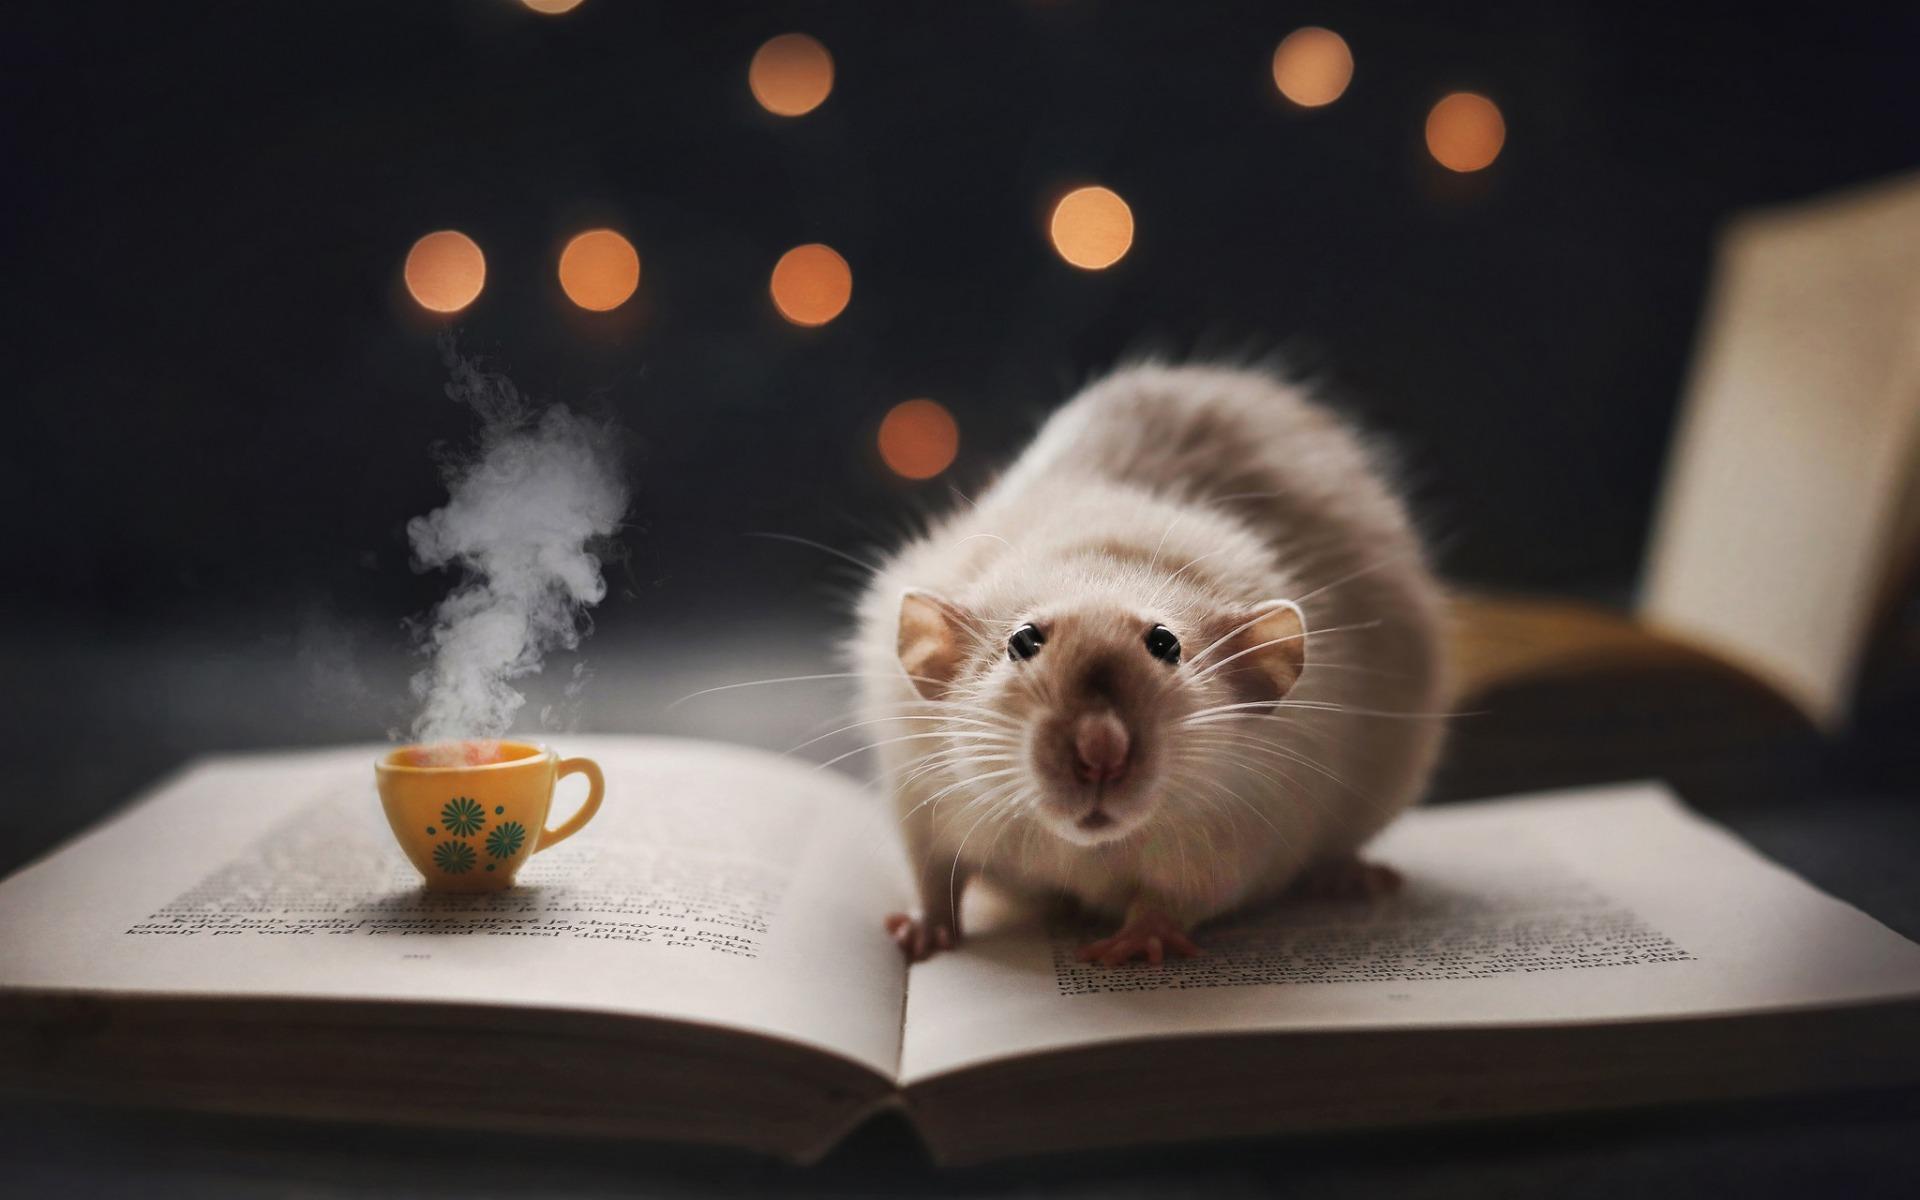 В год Белой Крысы надо попасть в нужный амбар. Любовь нечаянно нагрянет к Кроликам, а Тигров ждет счастливый лотерейный билет